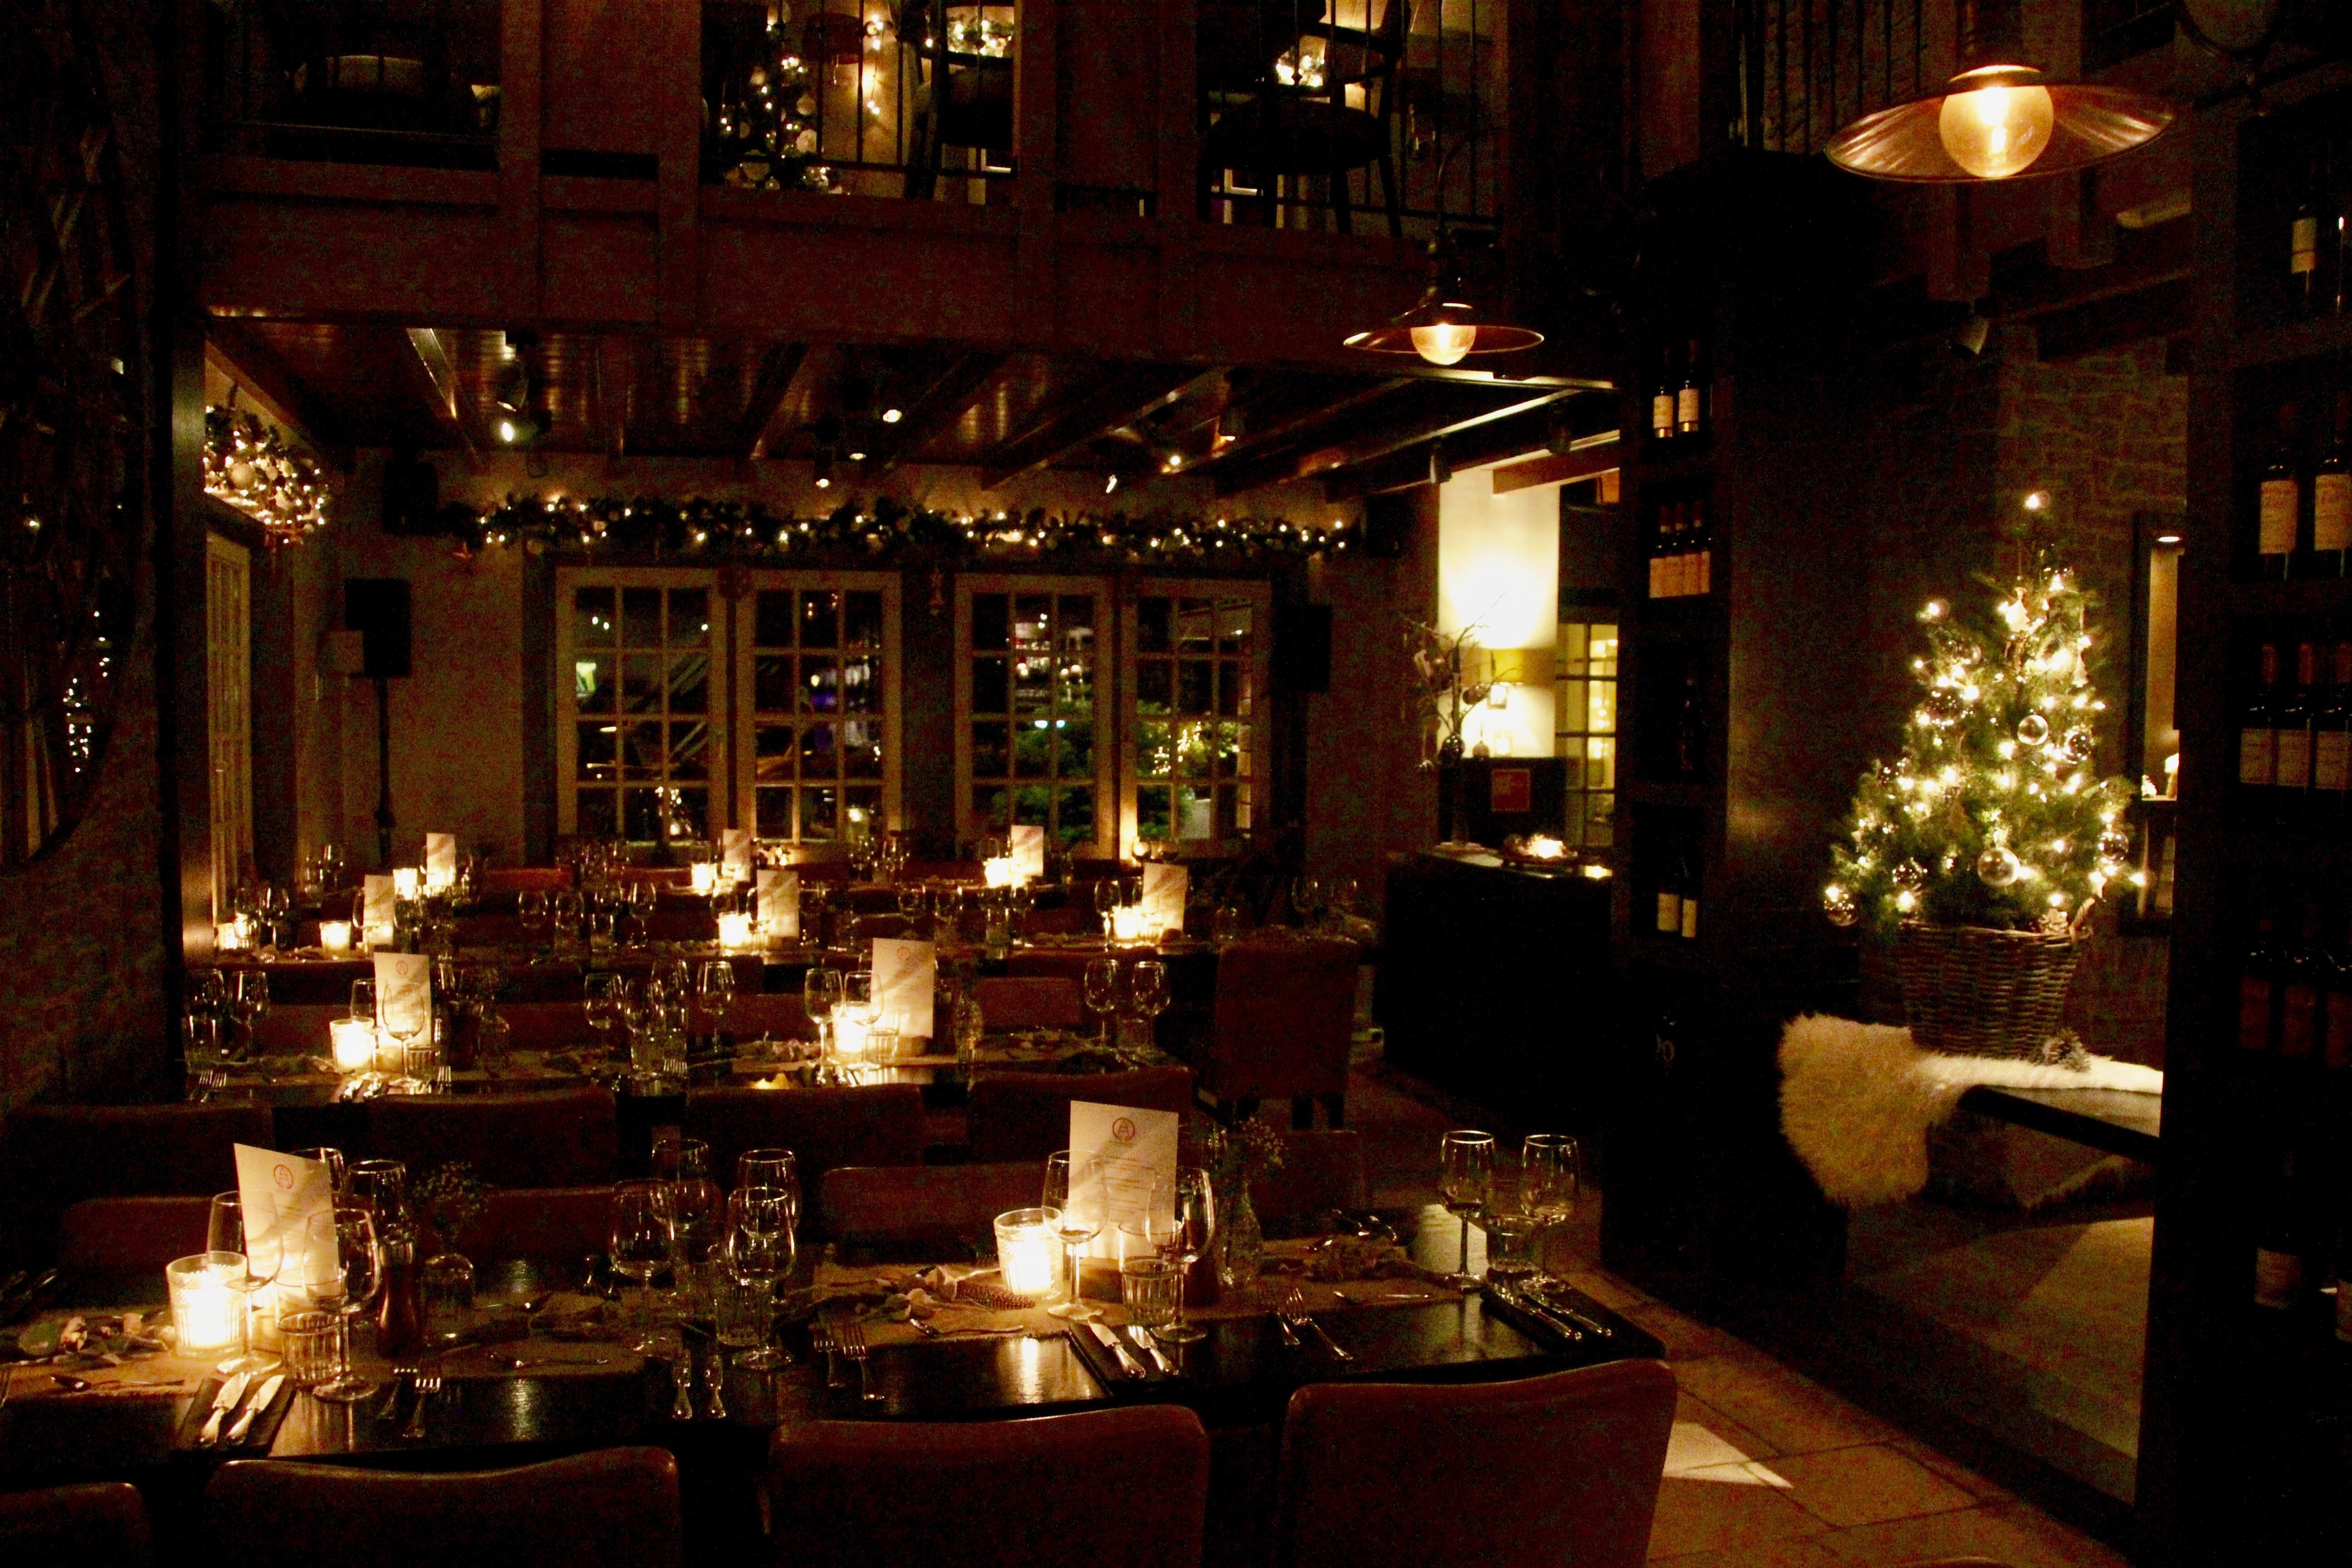 3. restaurant in kerstsfeer 2